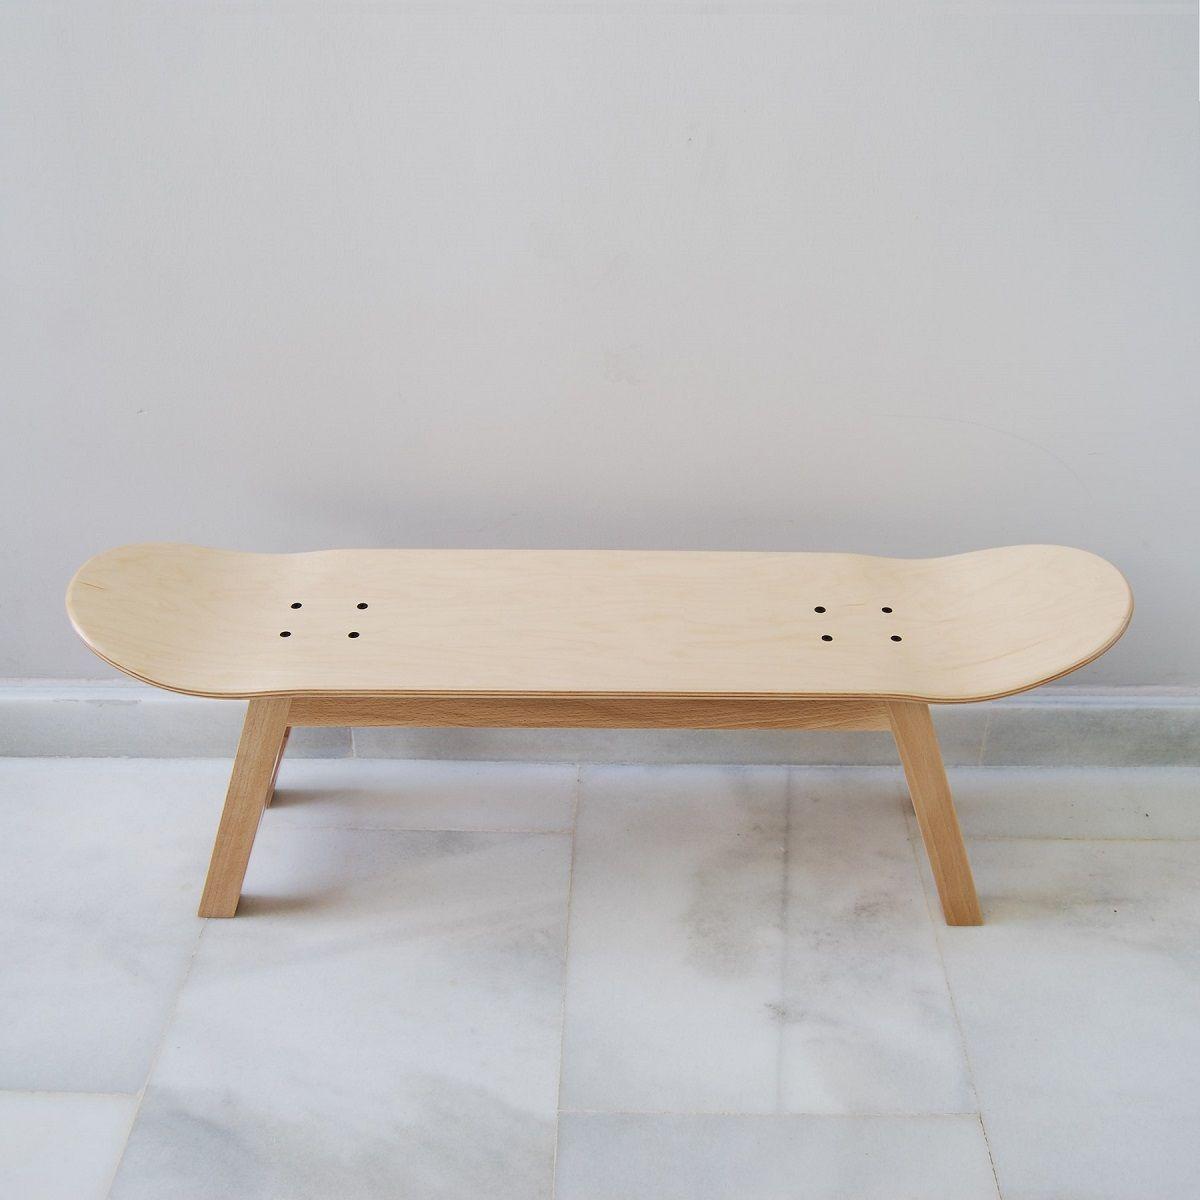 geschenke f r skater wenn sie haben jugendliche oder. Black Bedroom Furniture Sets. Home Design Ideas